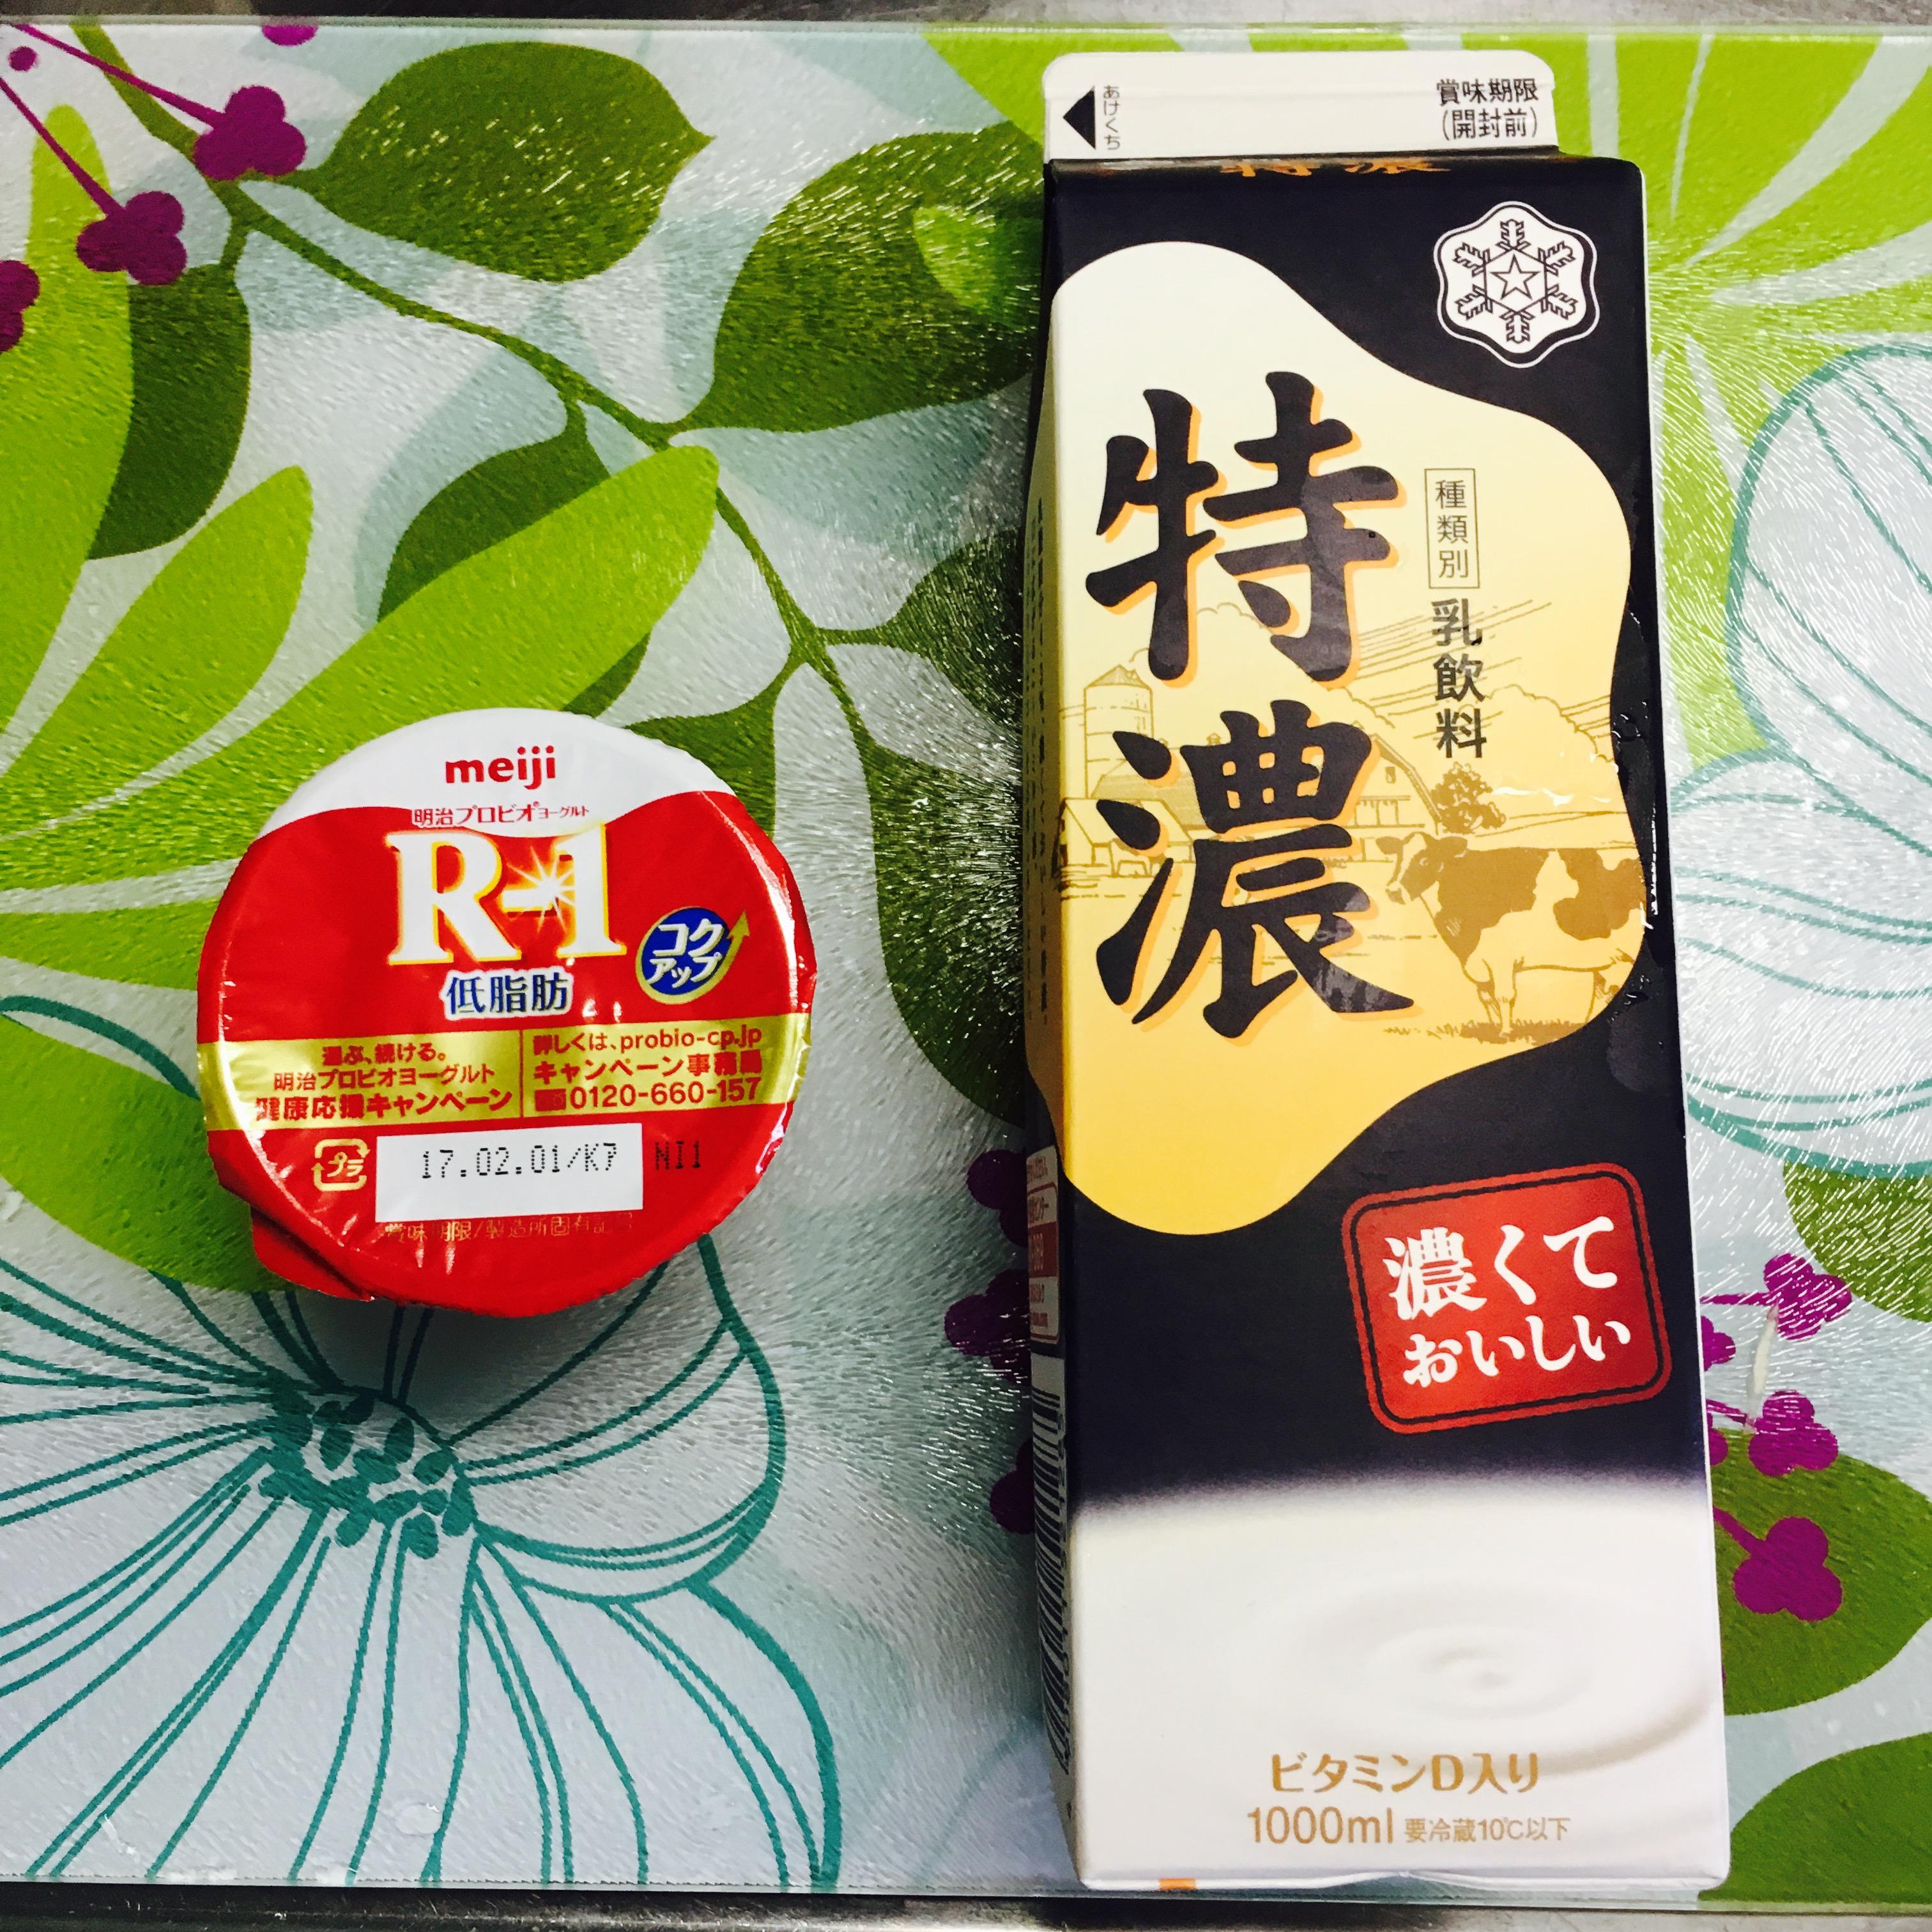 【家計節約】約350円でR-1ヨーグルトを1週間食べられる裏技!笑